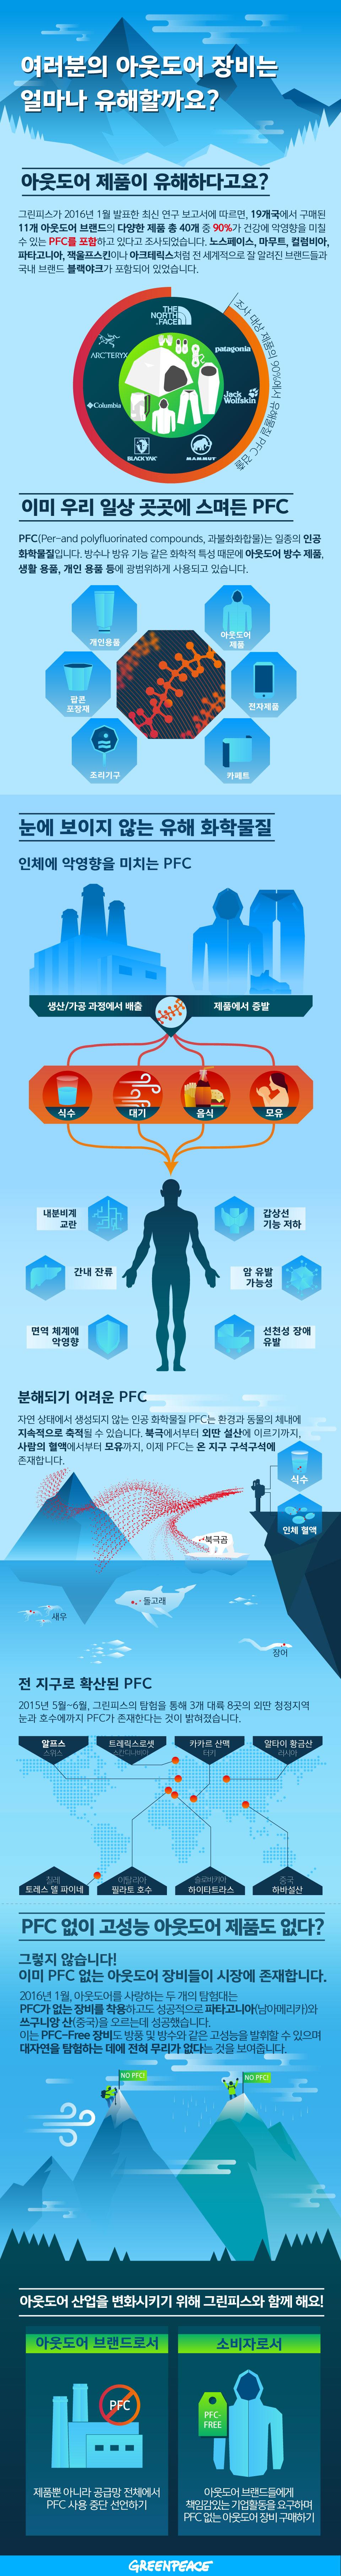 유해물질 PFC는 이미 우리 일상 곳곳에 스며들어 있습니다. 눈에 보이지 않는 이 유해 화학물질에 대해, 그리고 아웃도어 제품과의 관계에 대해 한 편의 인포그래픽으로 알아보세요!